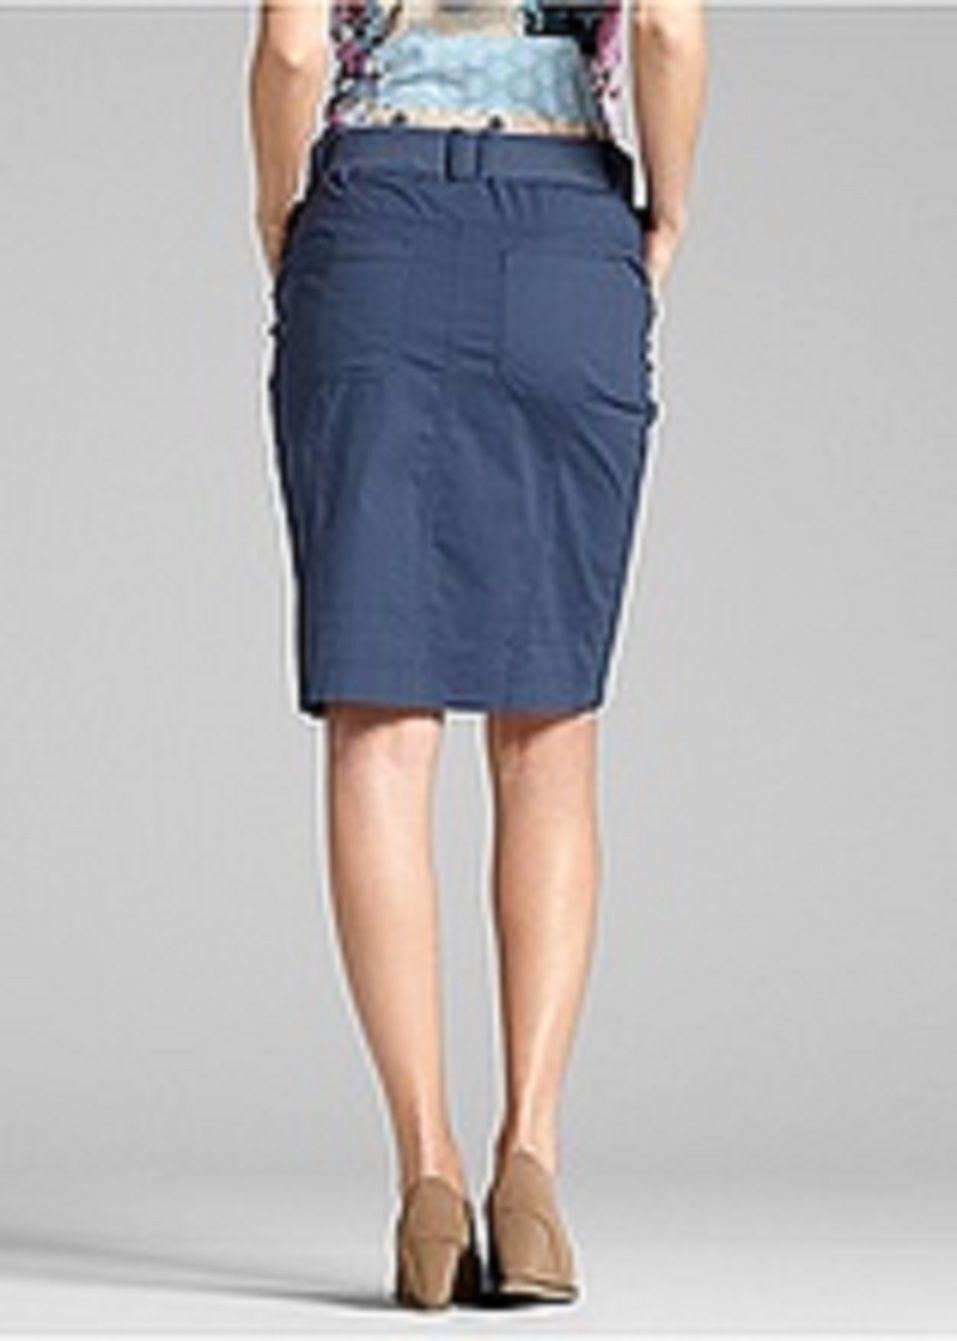 50ecba007545 BPC Stretchrock Rock Stretch Skirt Knopfleiste Taschen dunkelblau Gr. 36  924164 1 ...